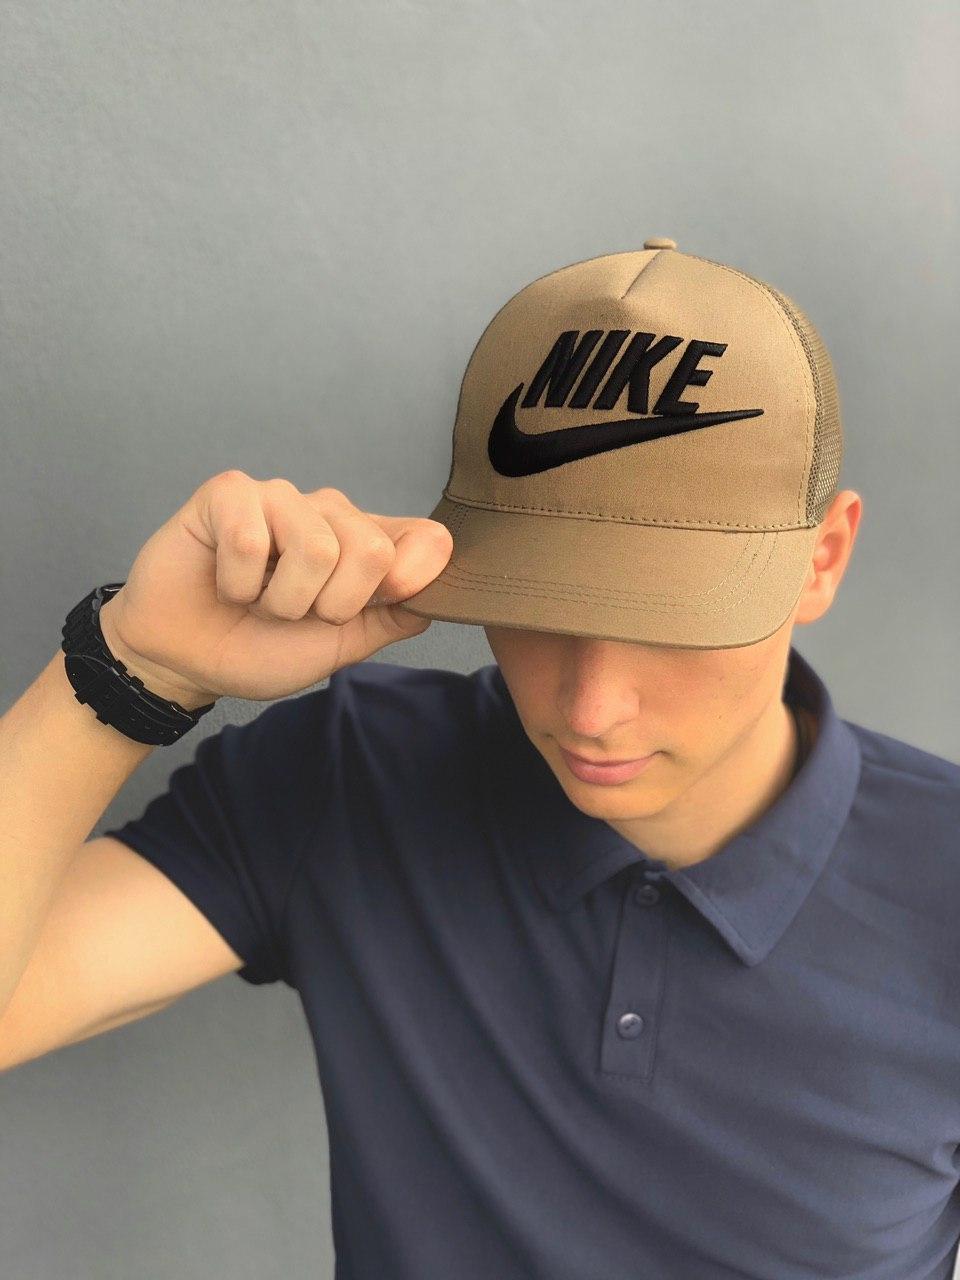 Кепка Nike мужская | женская найк хаки big black logo